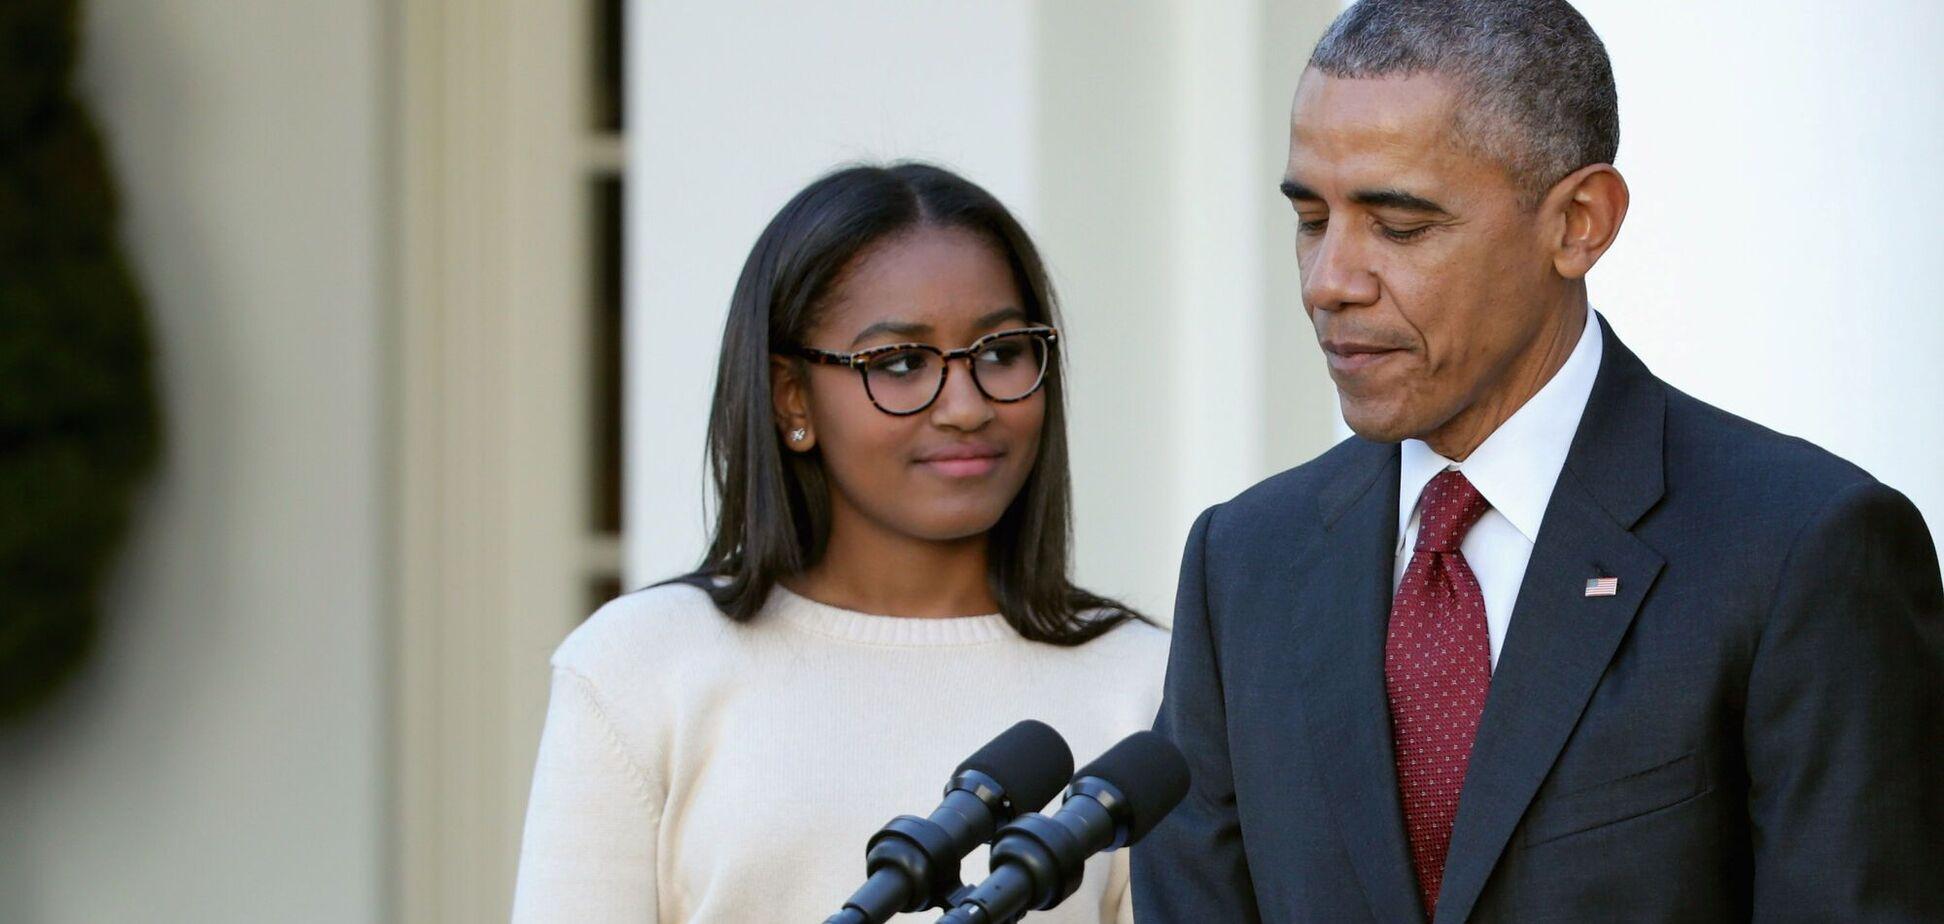 У мережі виникли суперечки через відверте фото доньки Обами